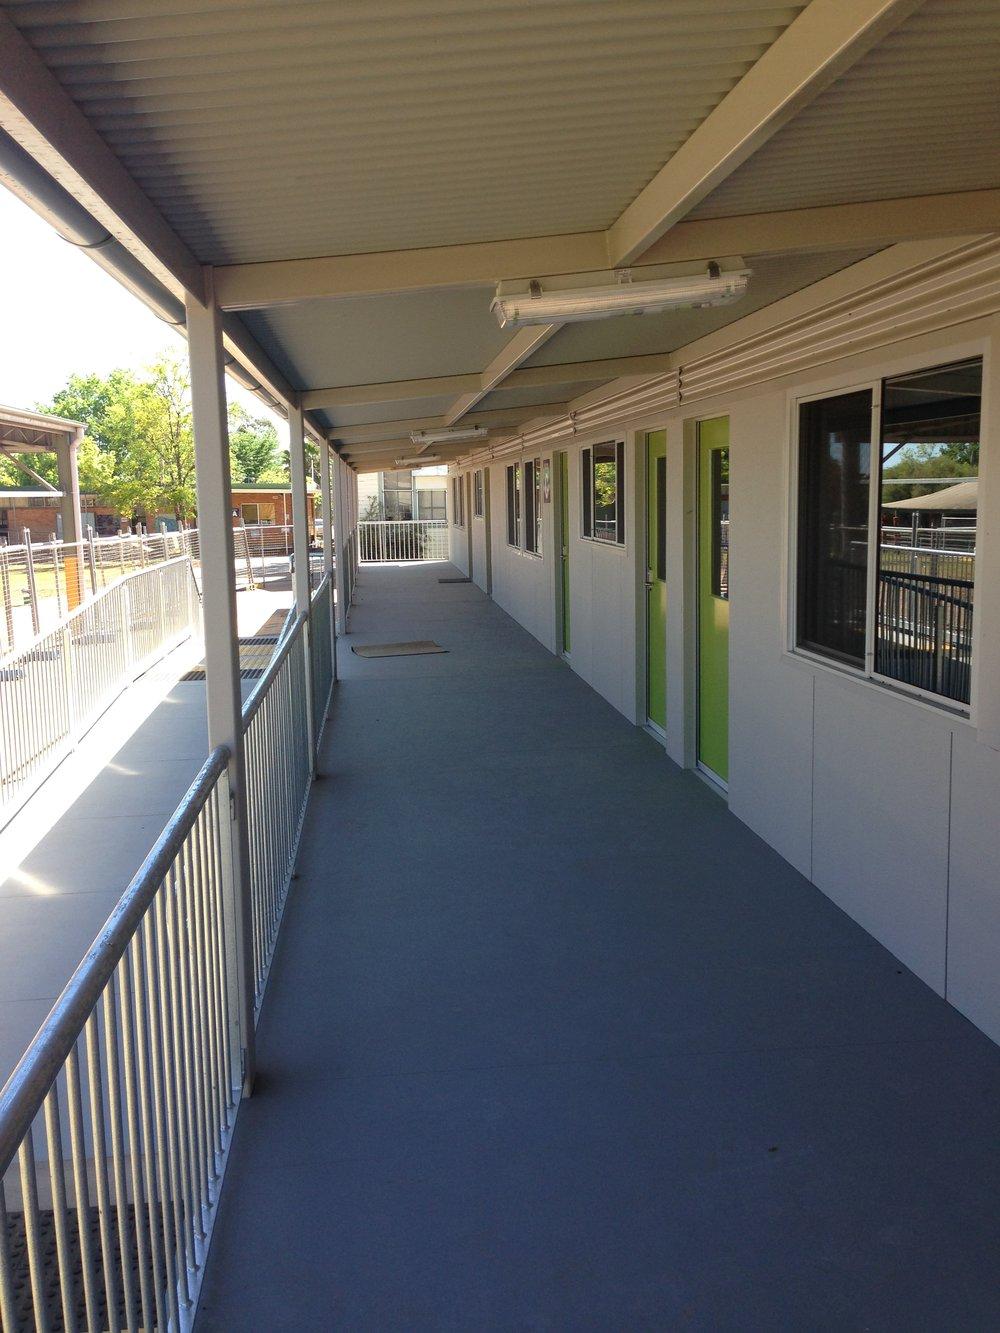 Primary school classrooms.